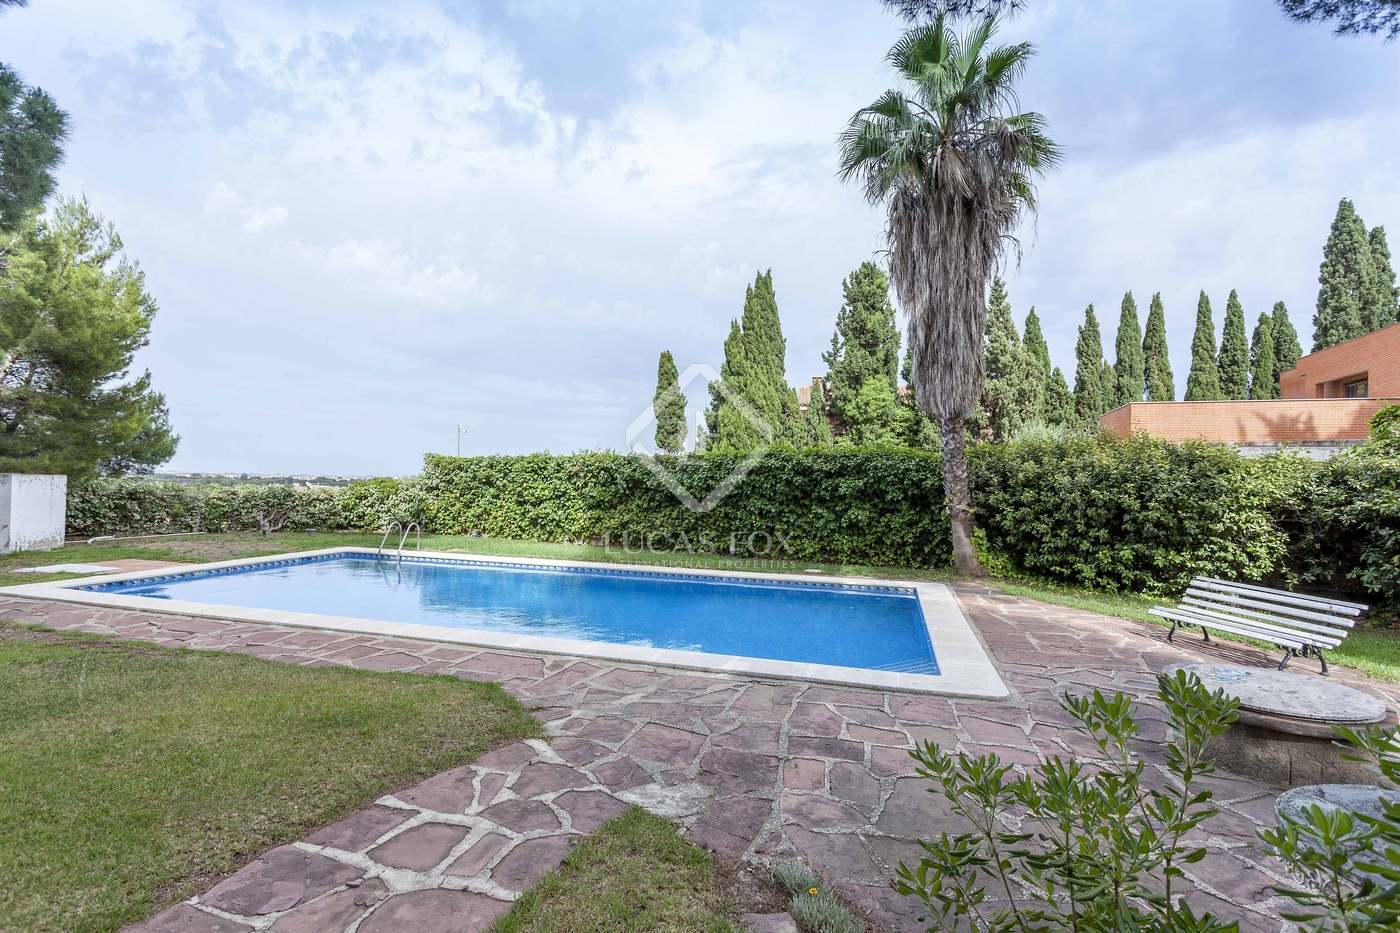 Alquiler Casa en Campolivar. Casa con mobiliario y piscina en alquiler en campolivar, godella